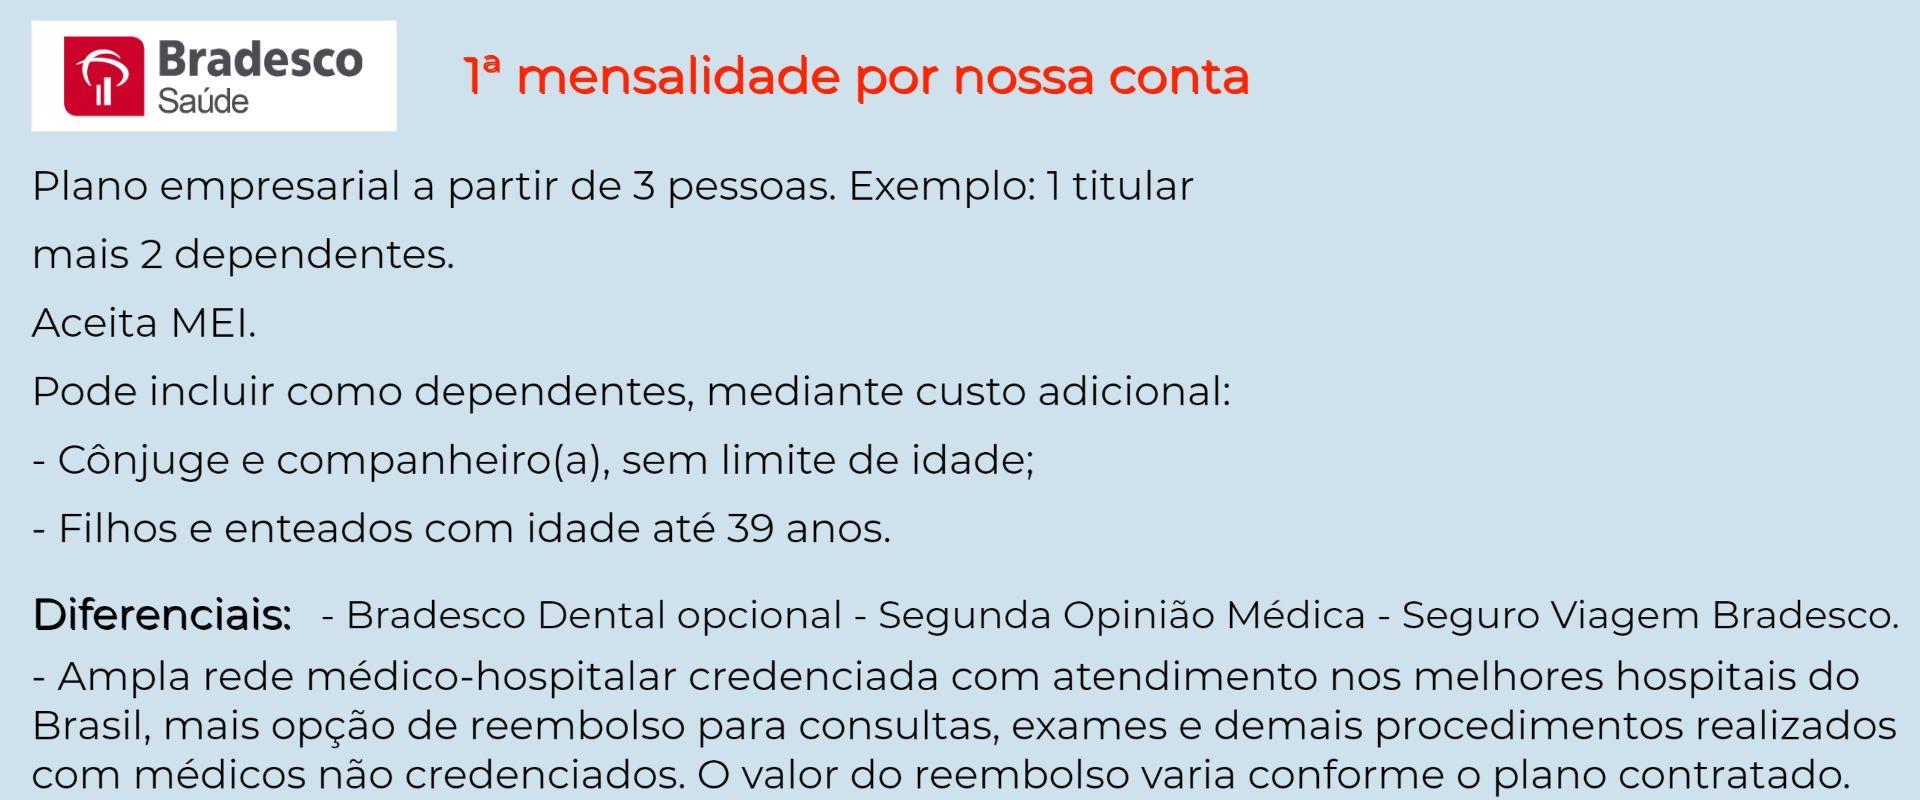 Bradesco Saúde Empresarial - Monte Mor